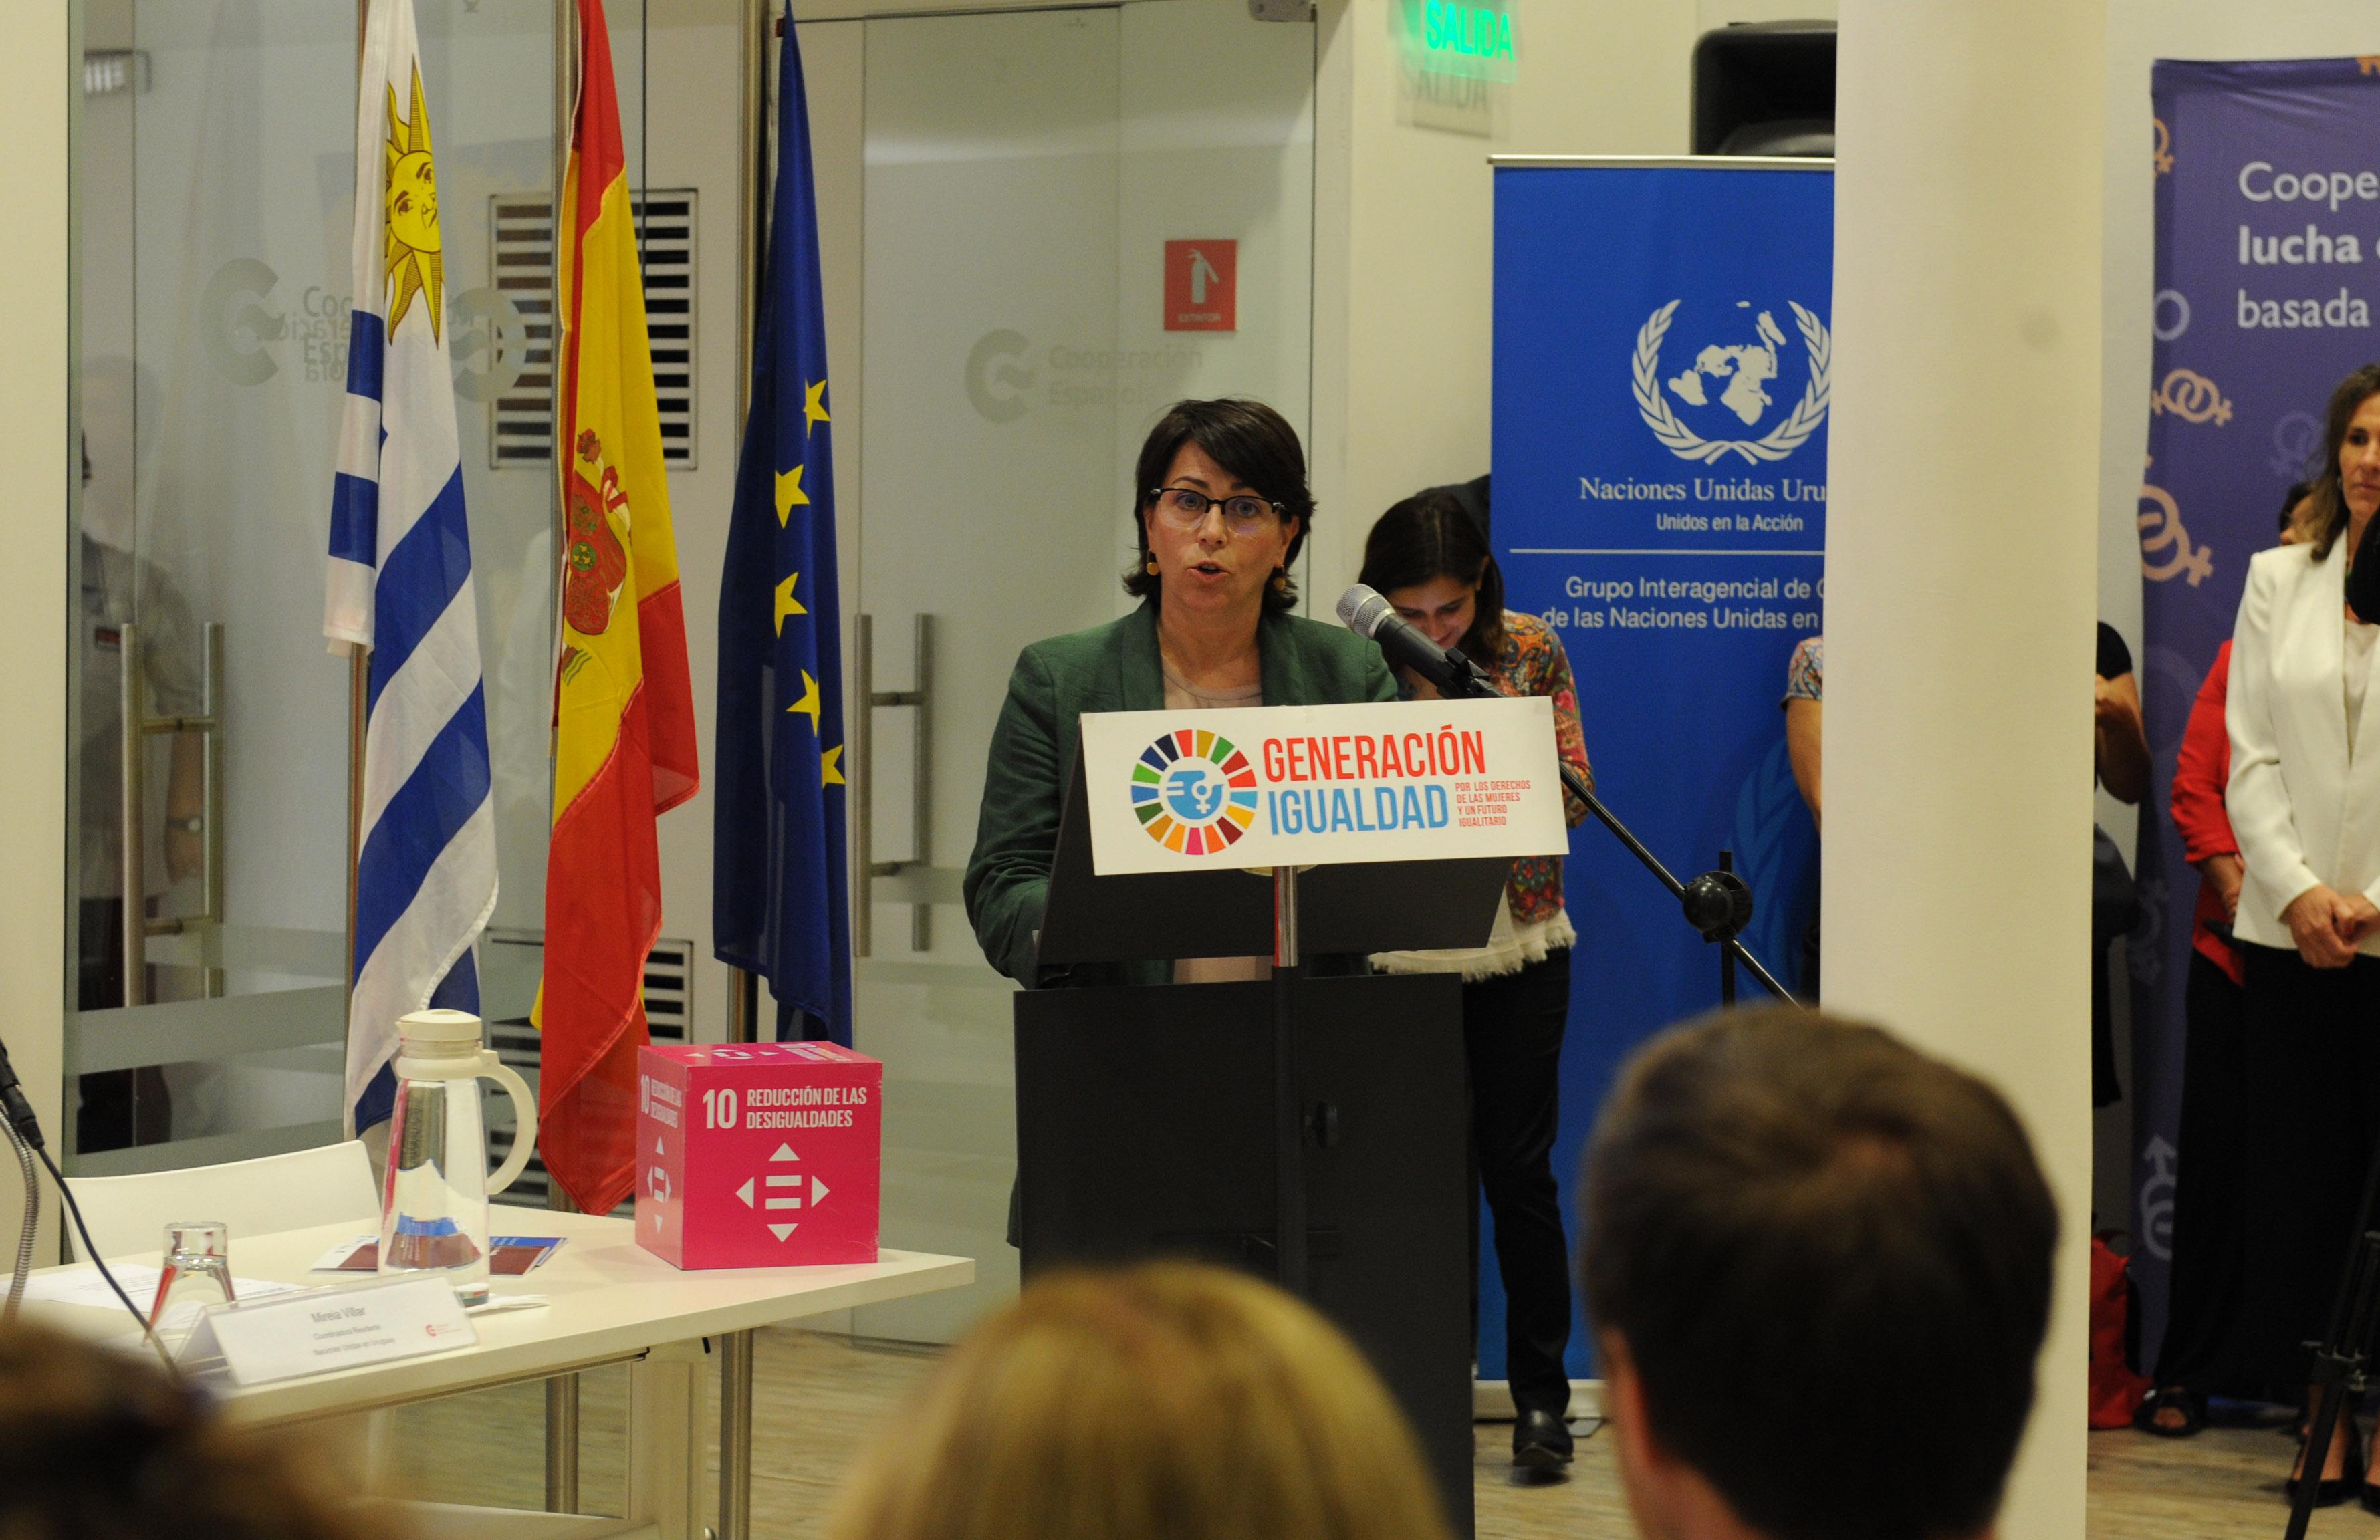 La coordinadora residente de ONU Uruguay expone durante la presentación de las Guías